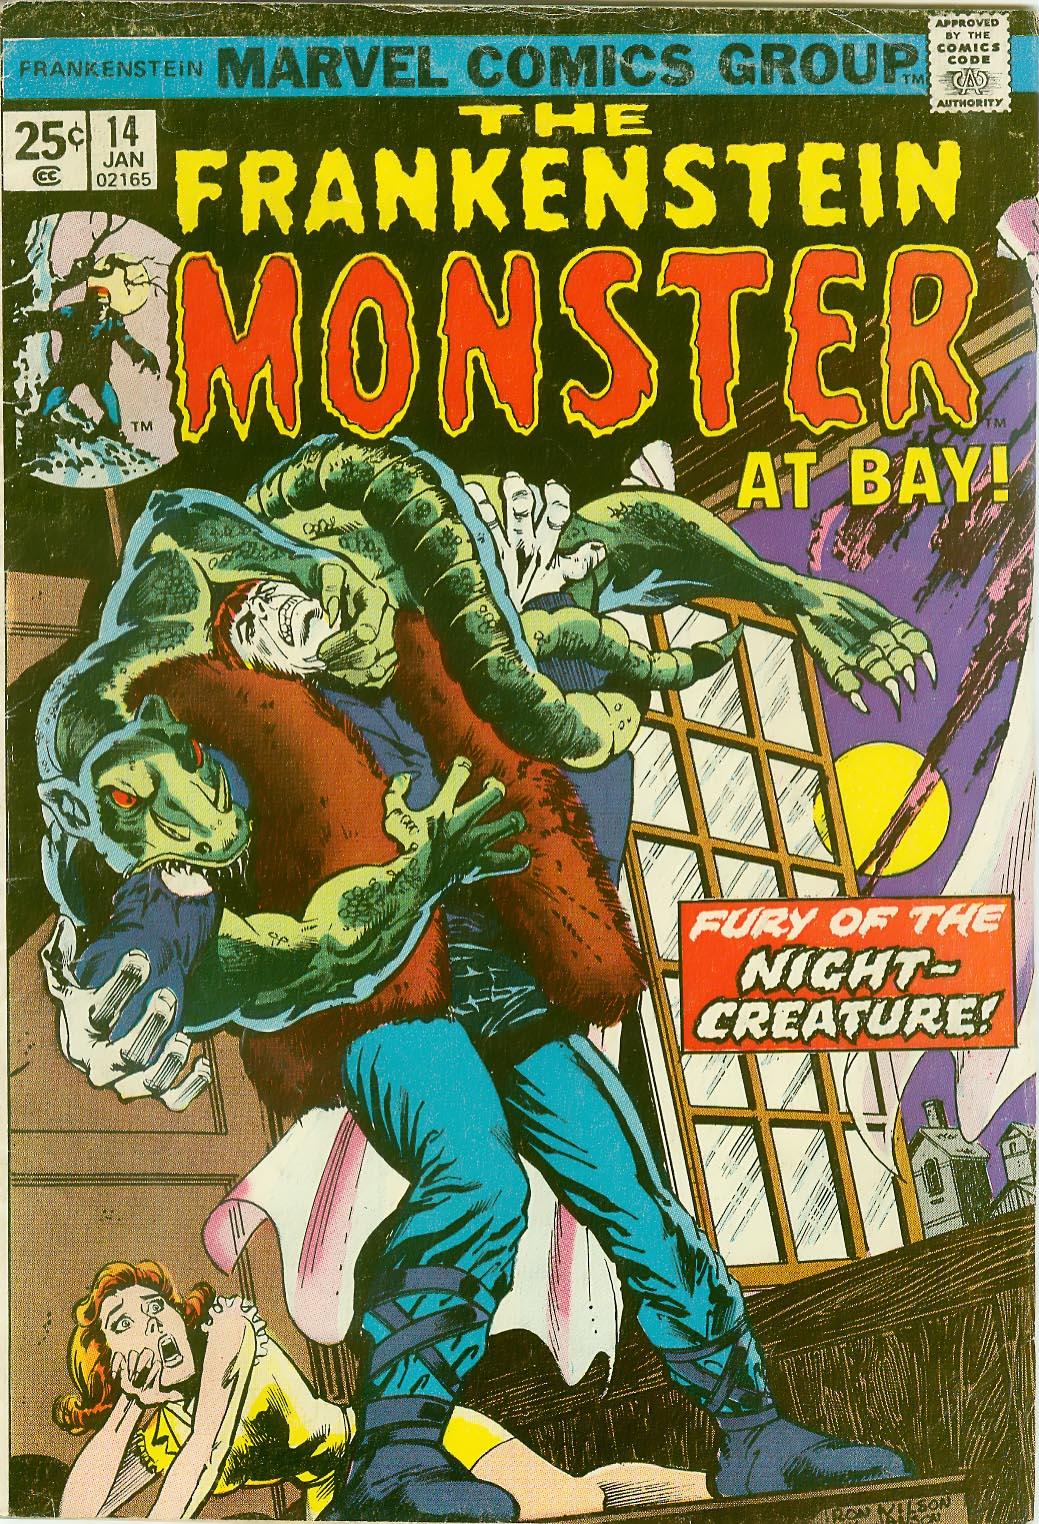 Frankenstein (1973) issue 14 - Page 1